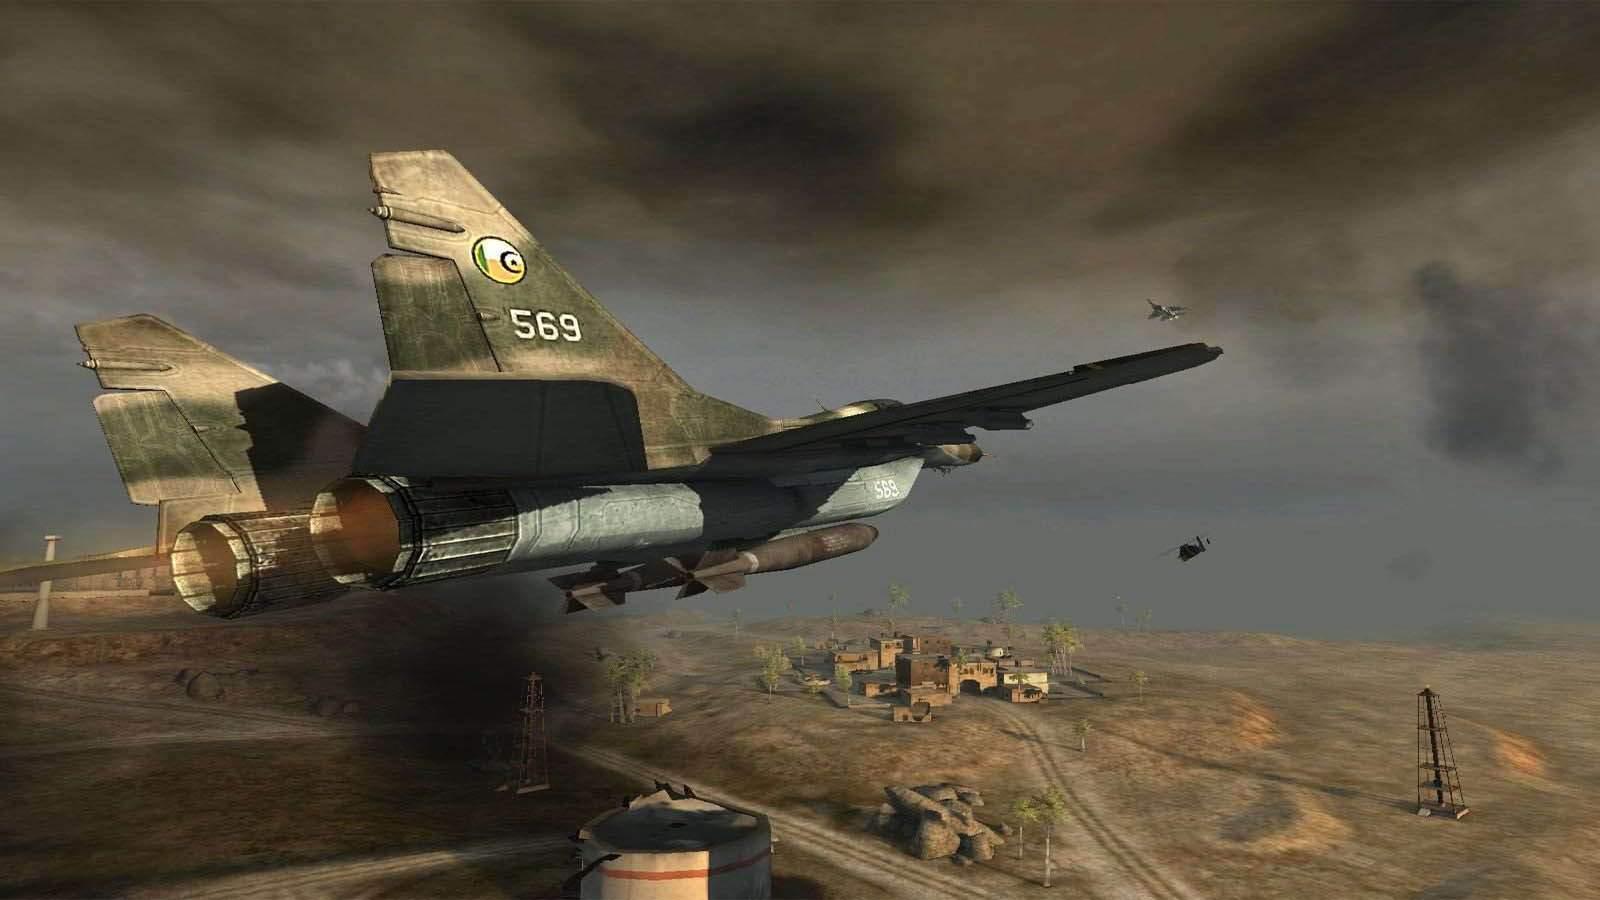 تحميل لعبة Battlefield 2 مضغوطة برابط واحد مباشر + تورنت كاملة مجانا